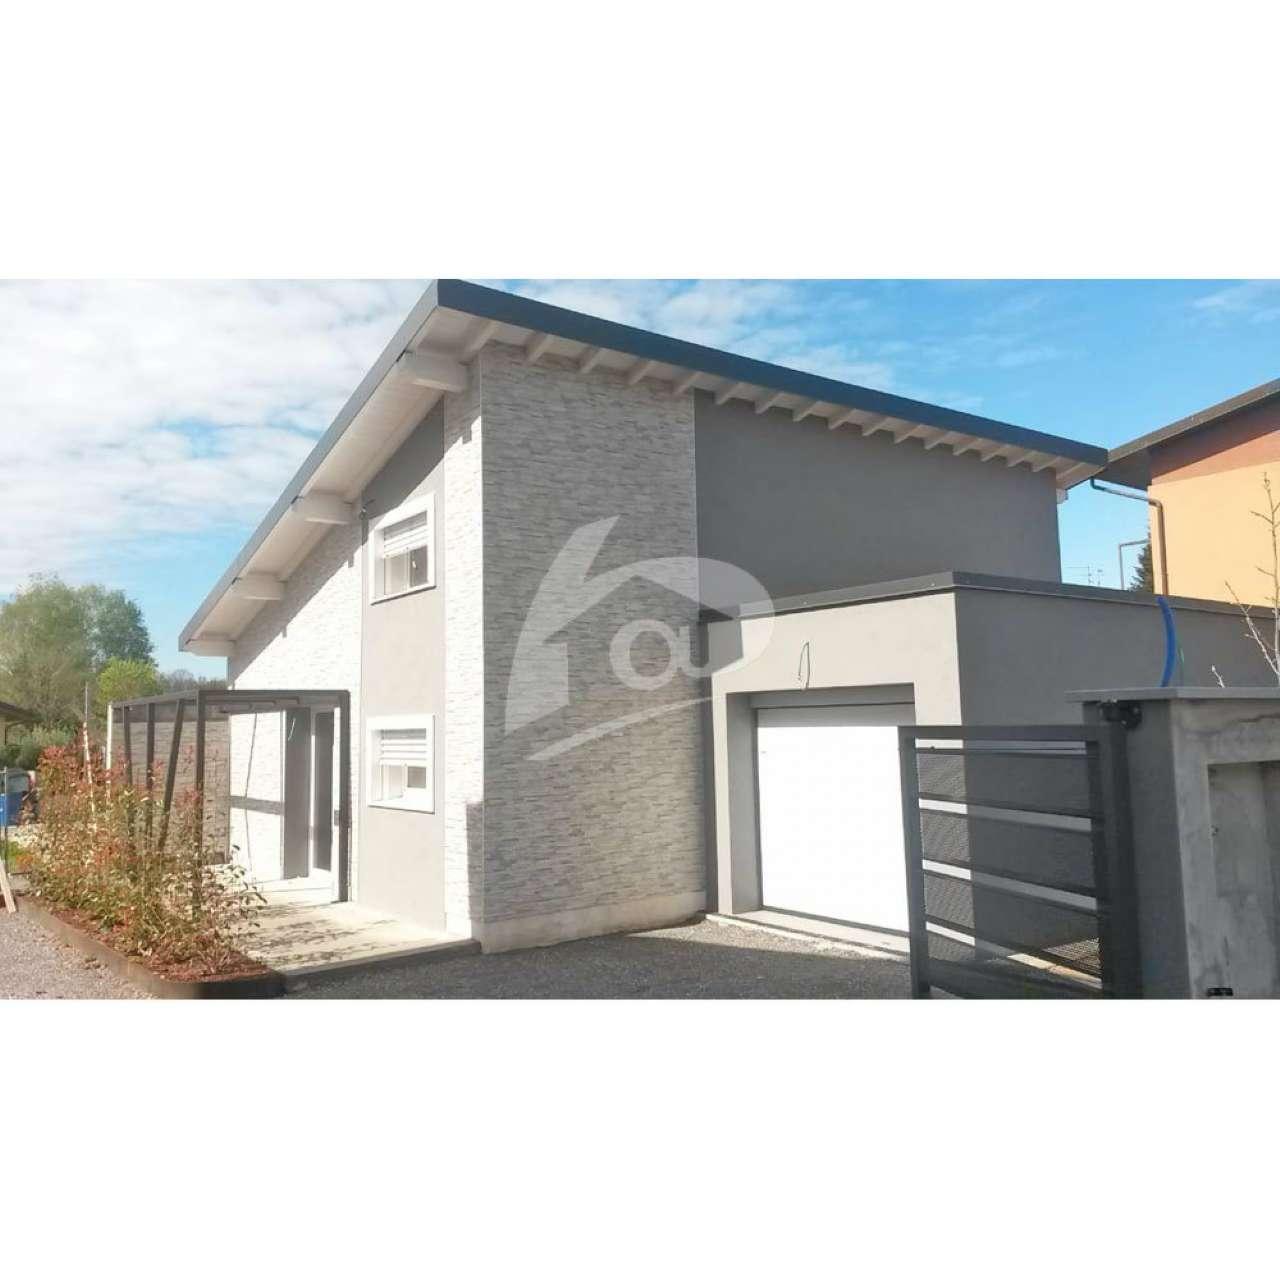 Villa a Schiera in vendita a Cocquio-Trevisago, 4 locali, prezzo € 245.000 | PortaleAgenzieImmobiliari.it